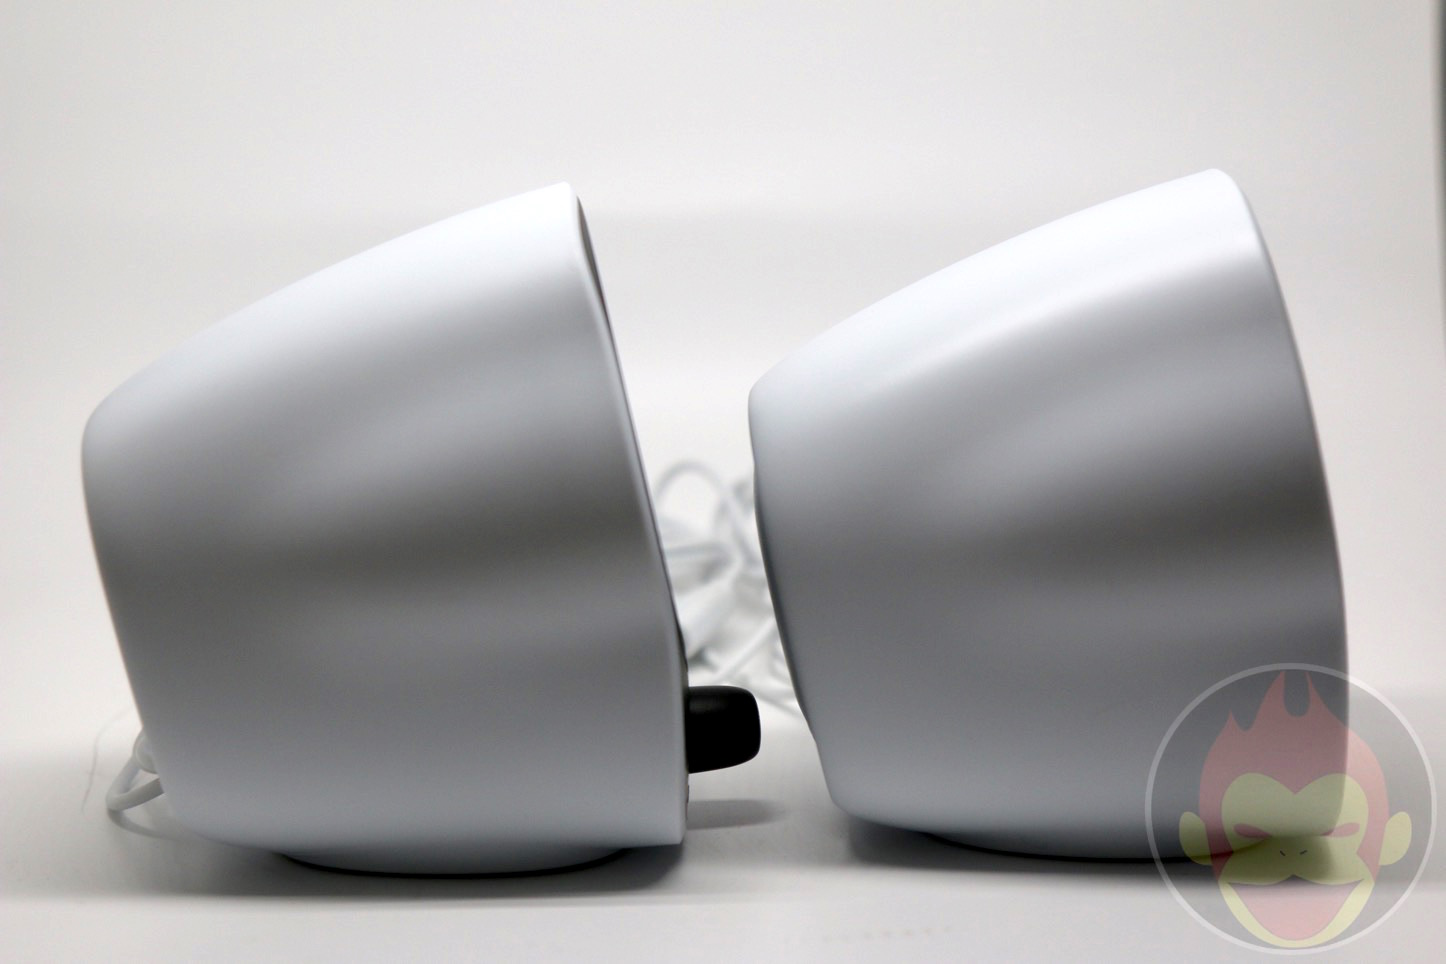 Logicool-Stereo-Speaker-Z120BW-11.JPG